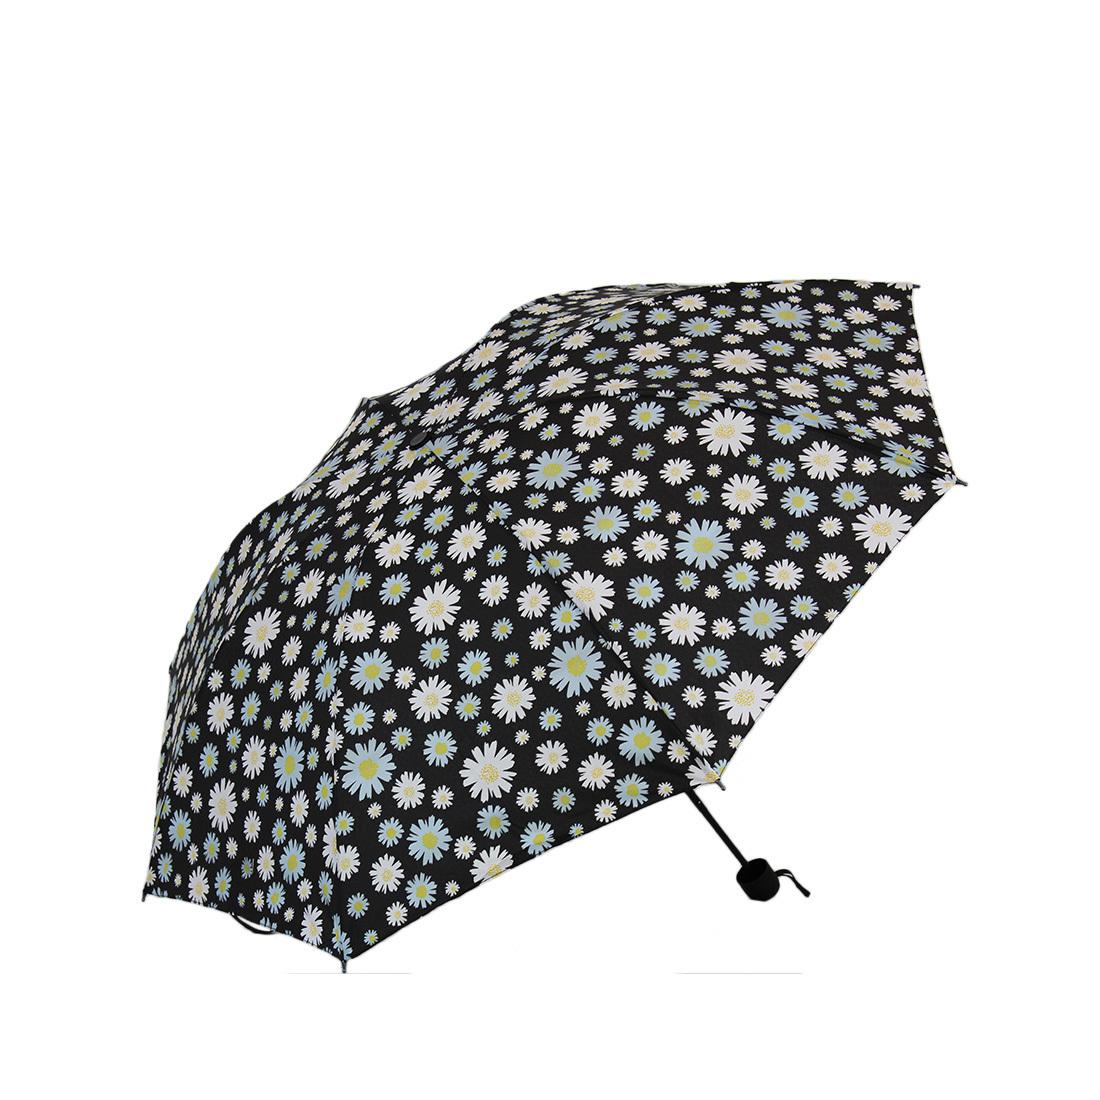 Flower design umbrella